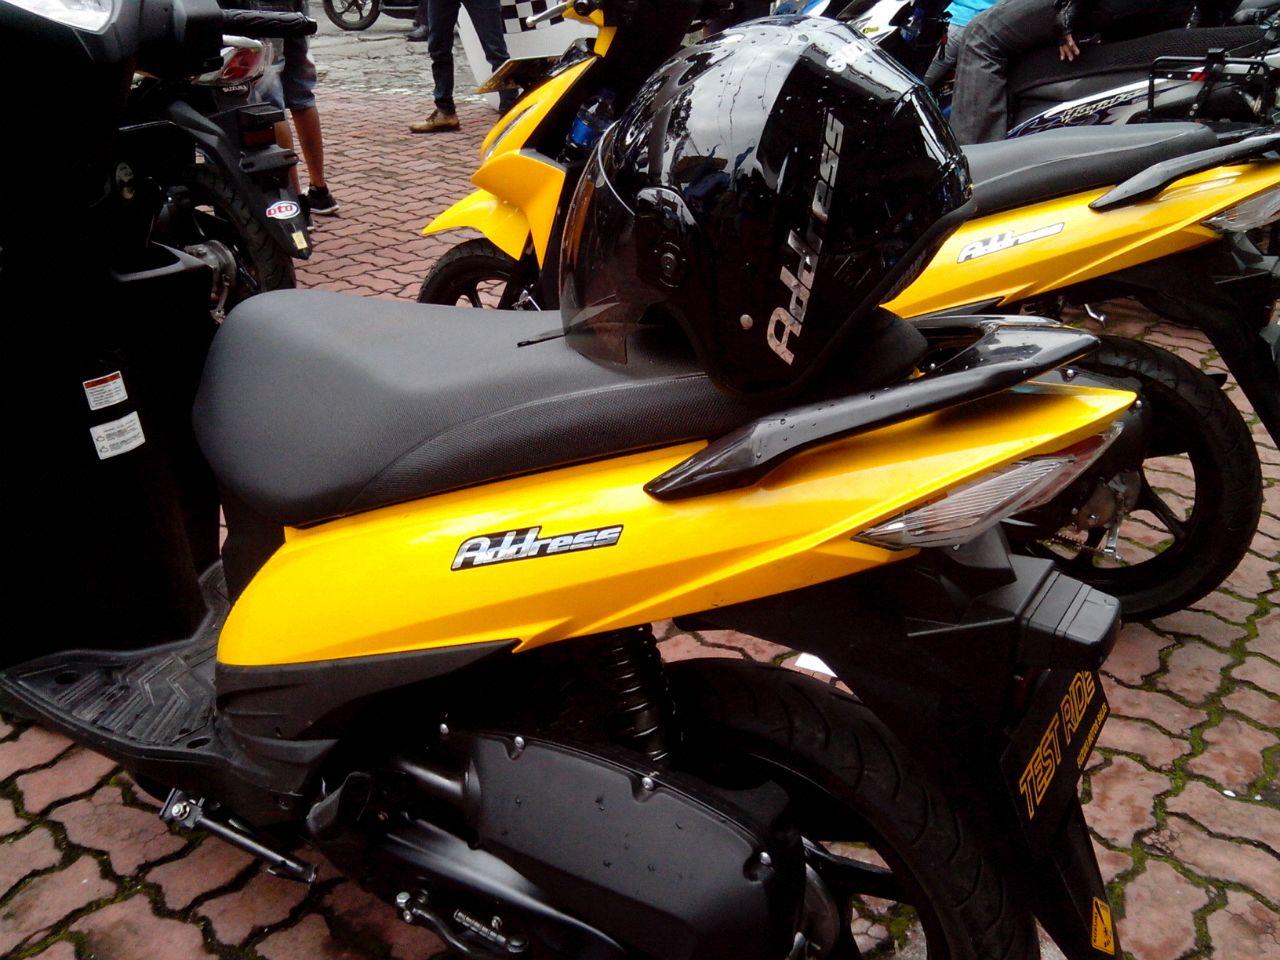 Modifikasi Motor Mio Warna Kuning